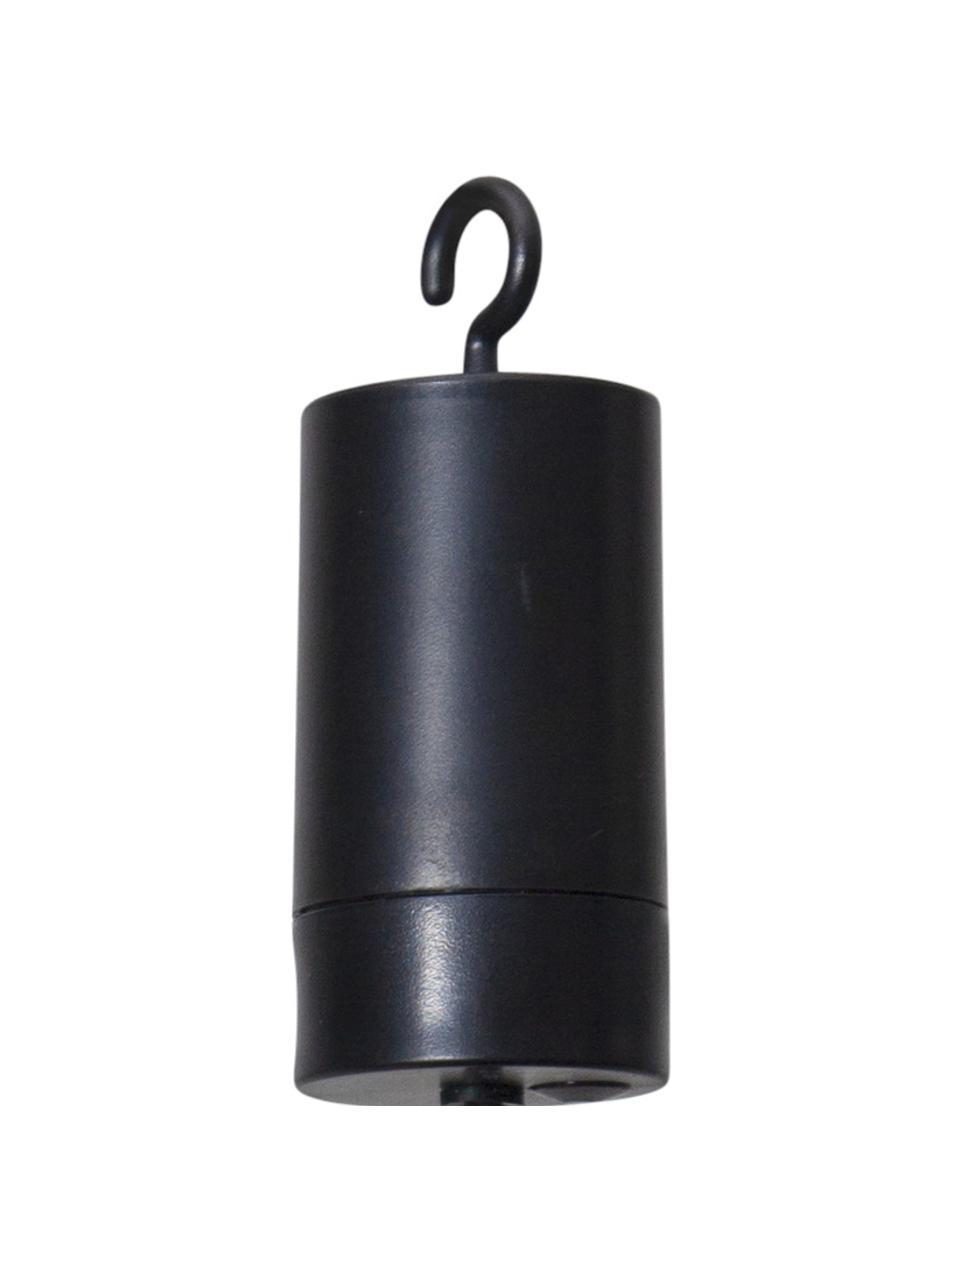 Mobilna lampa wisząca z timerem Bowl, Transparentny, czarny, S 13 x W 18 cm